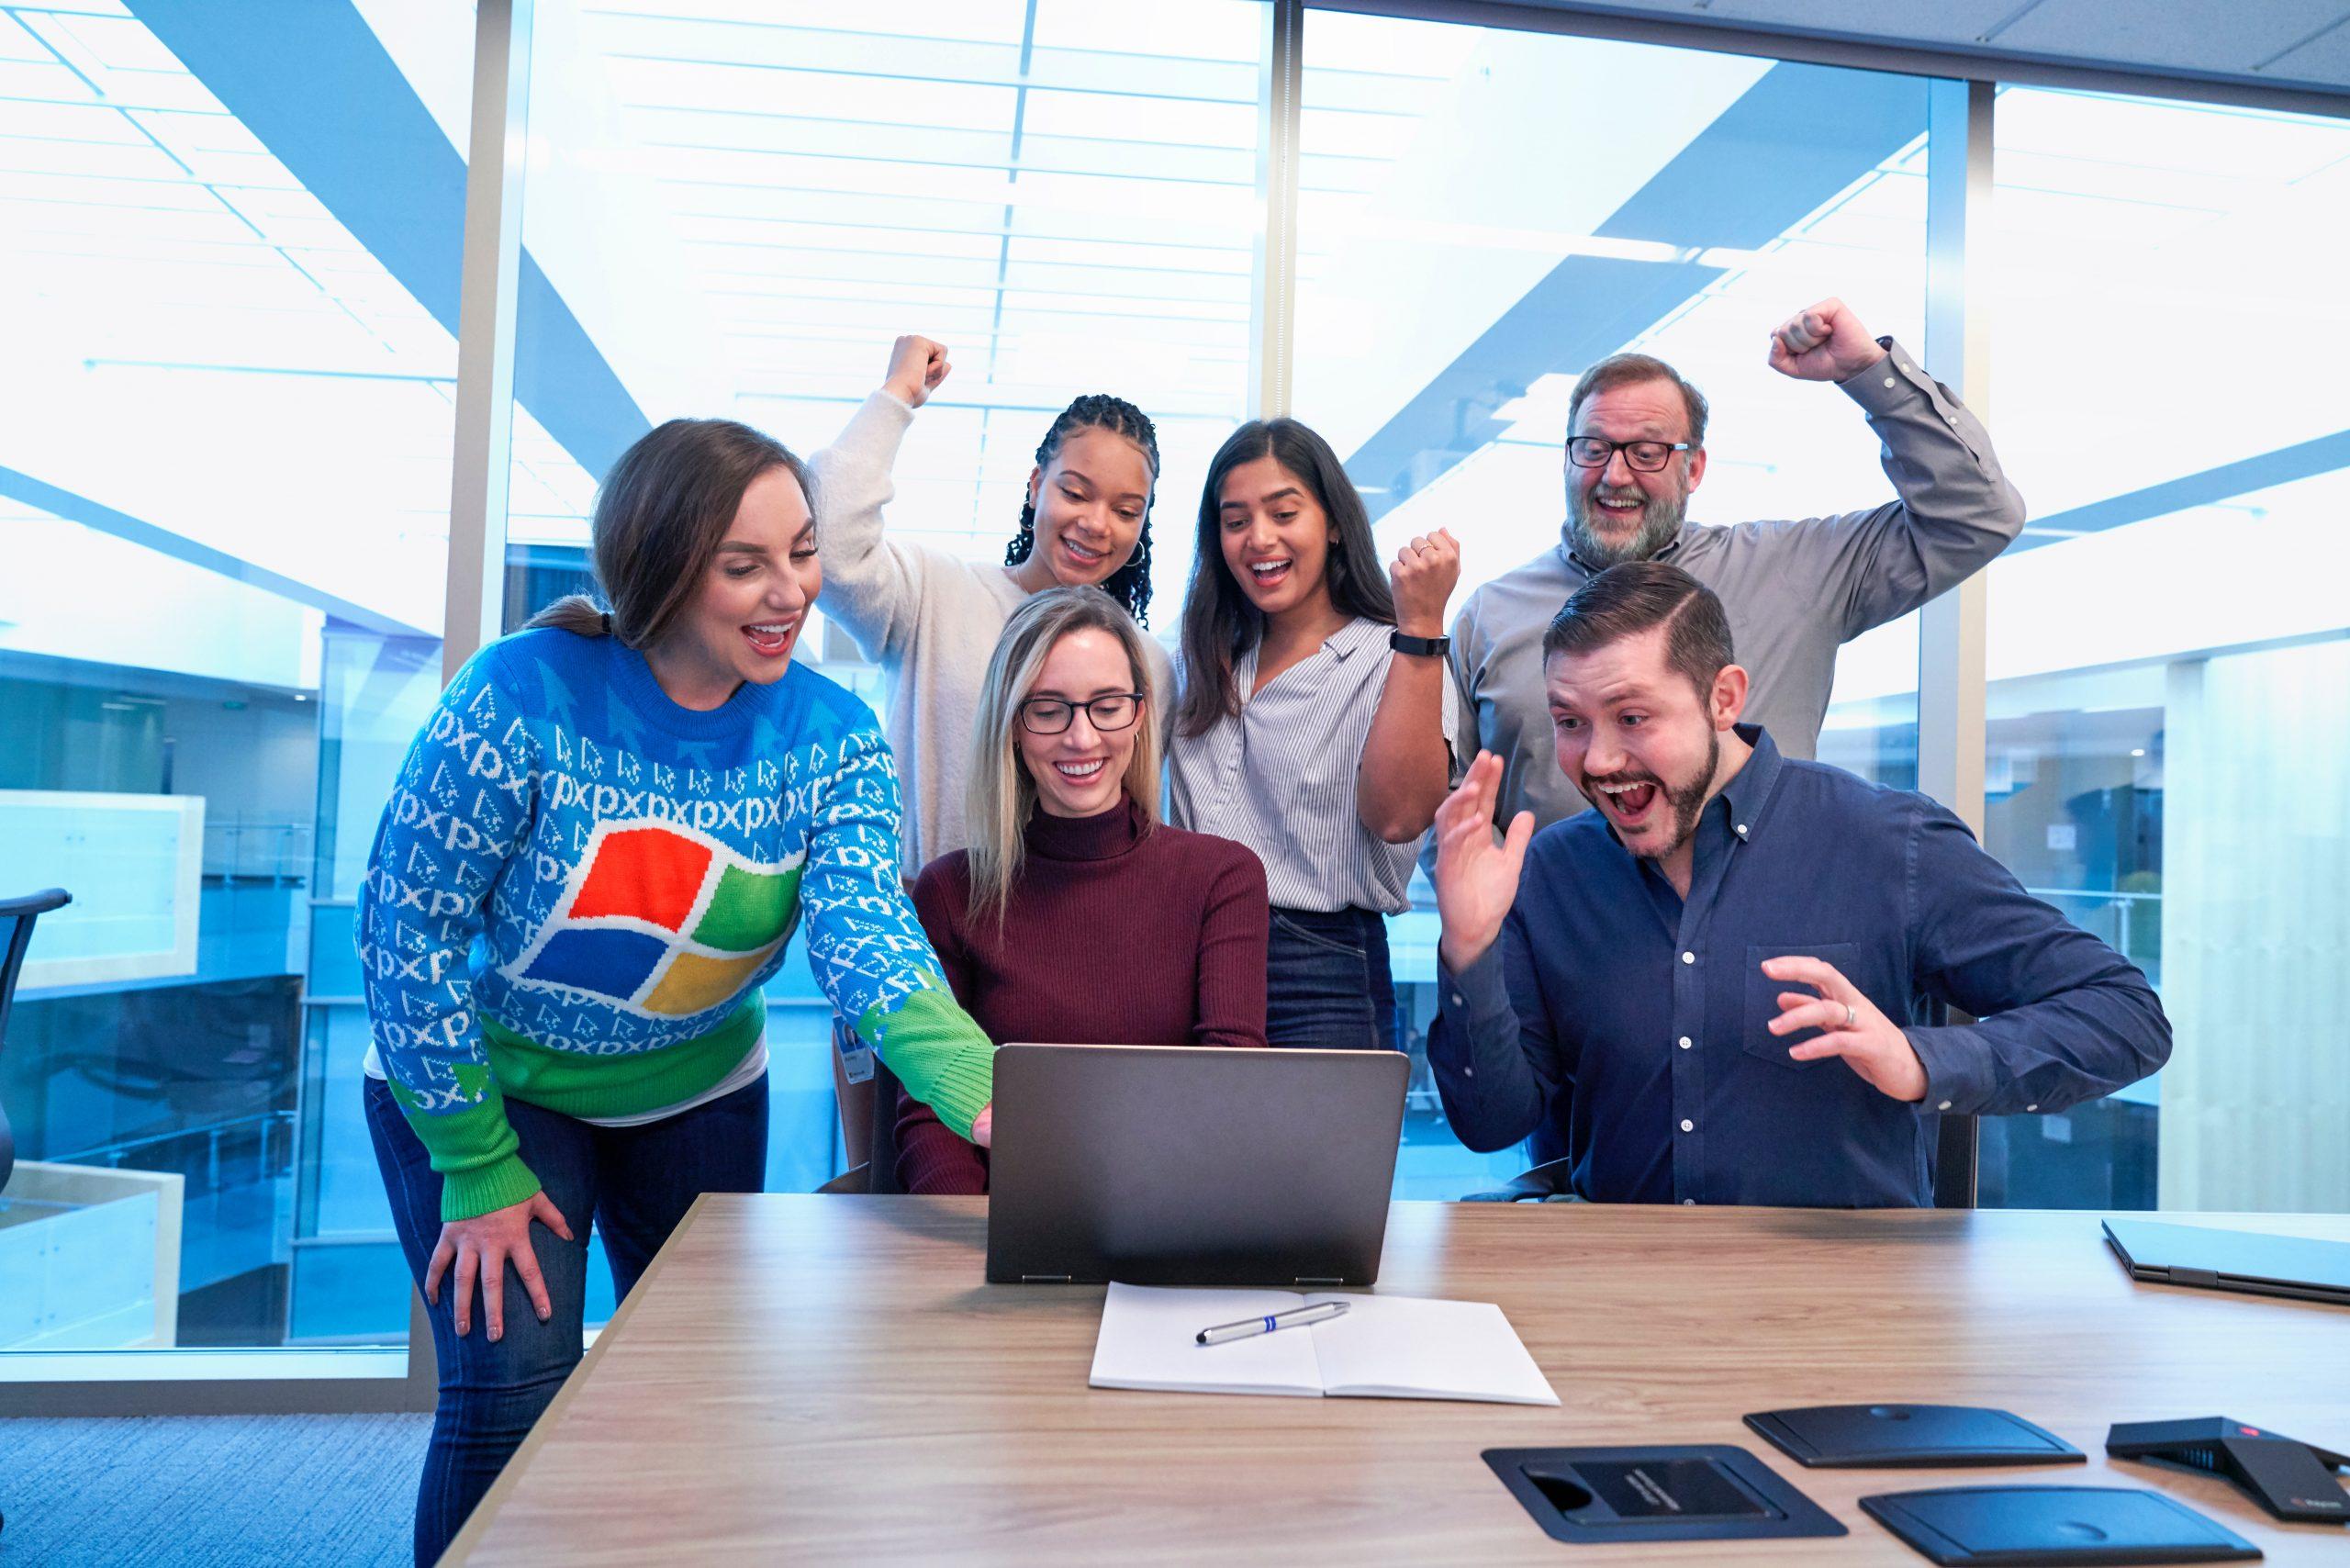 Festive holiday office party in #WindowsUglySweater Softwear by @Windows